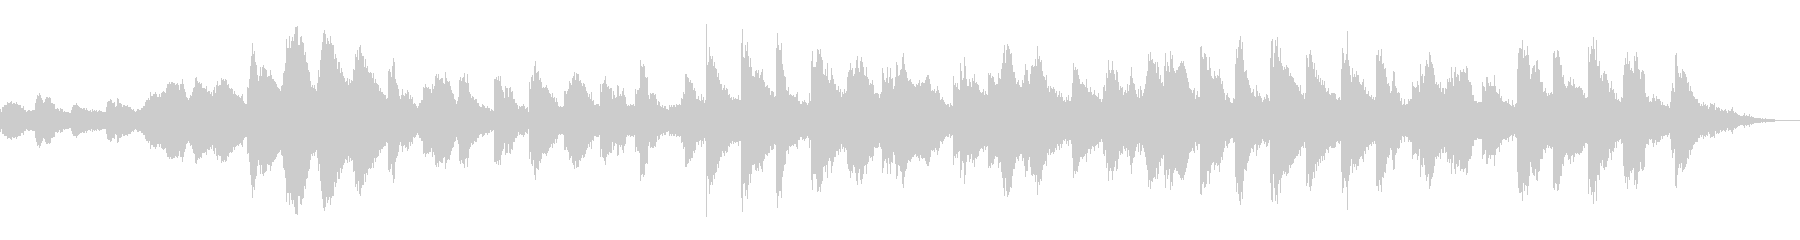 恐怖ホラー・サスペンス現代音楽風ピアノ曲の未再生の波形